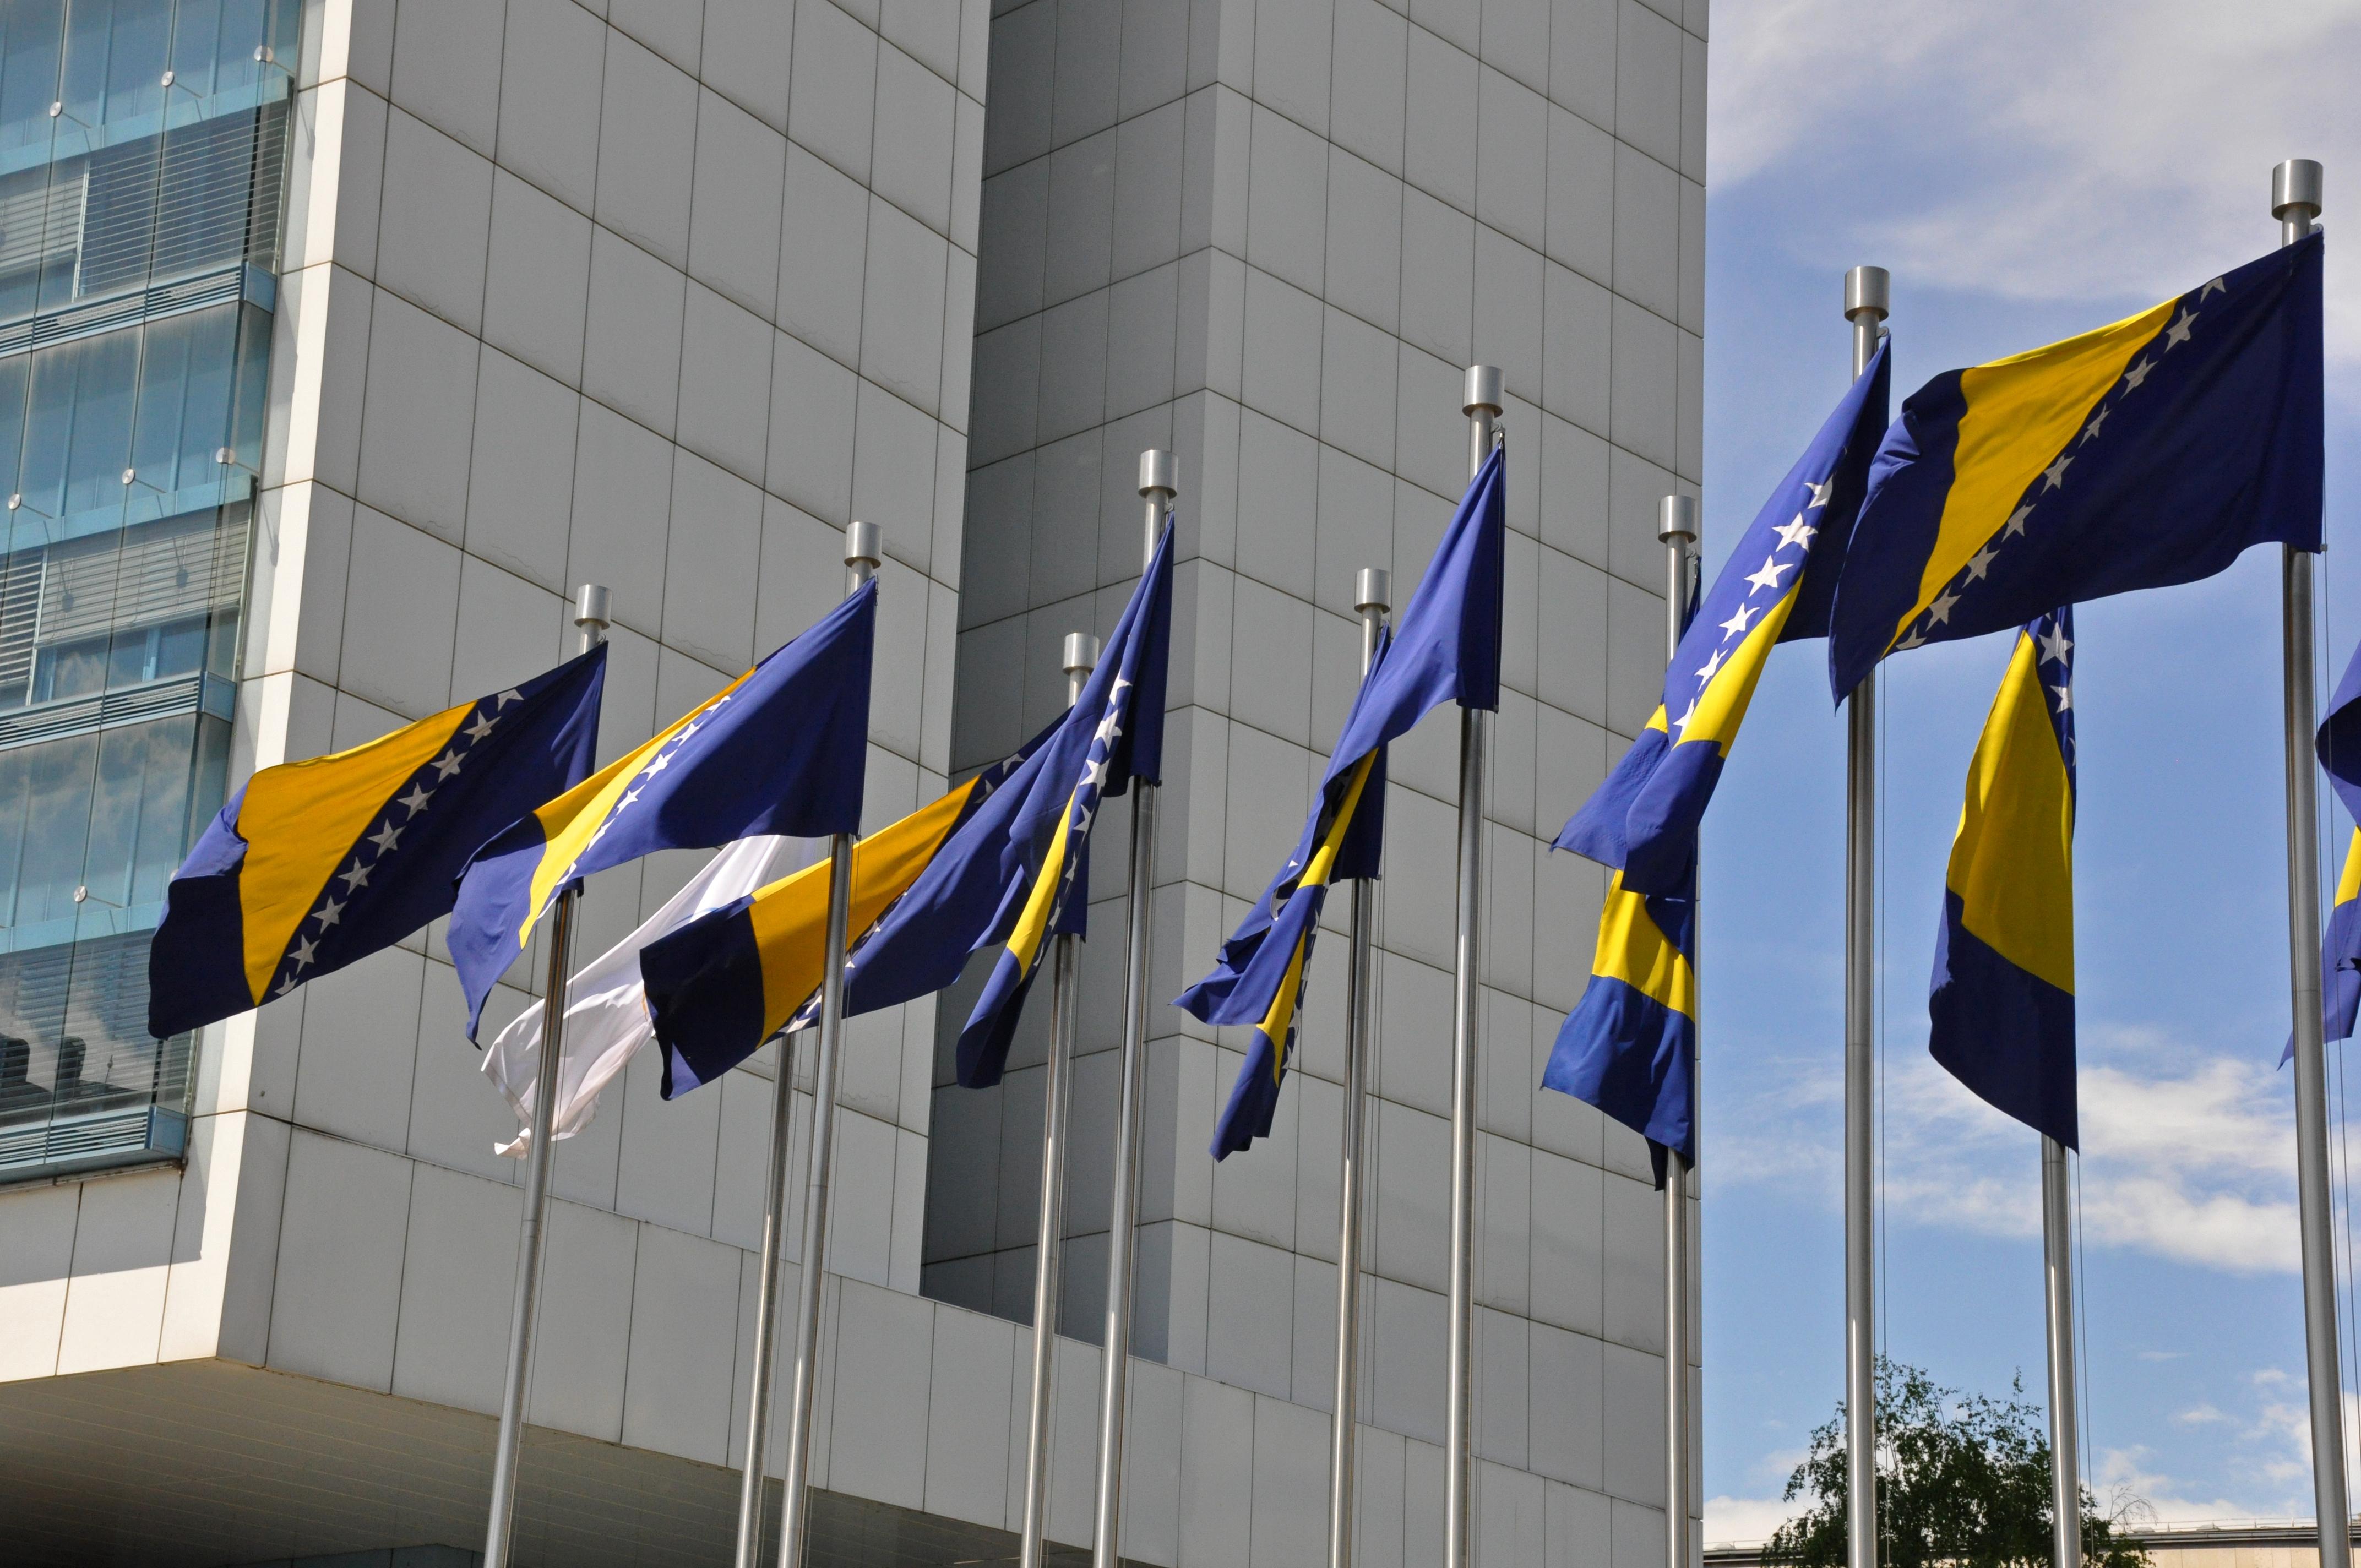 Die Flagge von Bosnien-Herzegowine, das schon bald einen Antrag zum EU-Beitritt stellen will, weht vor dem Parlament.